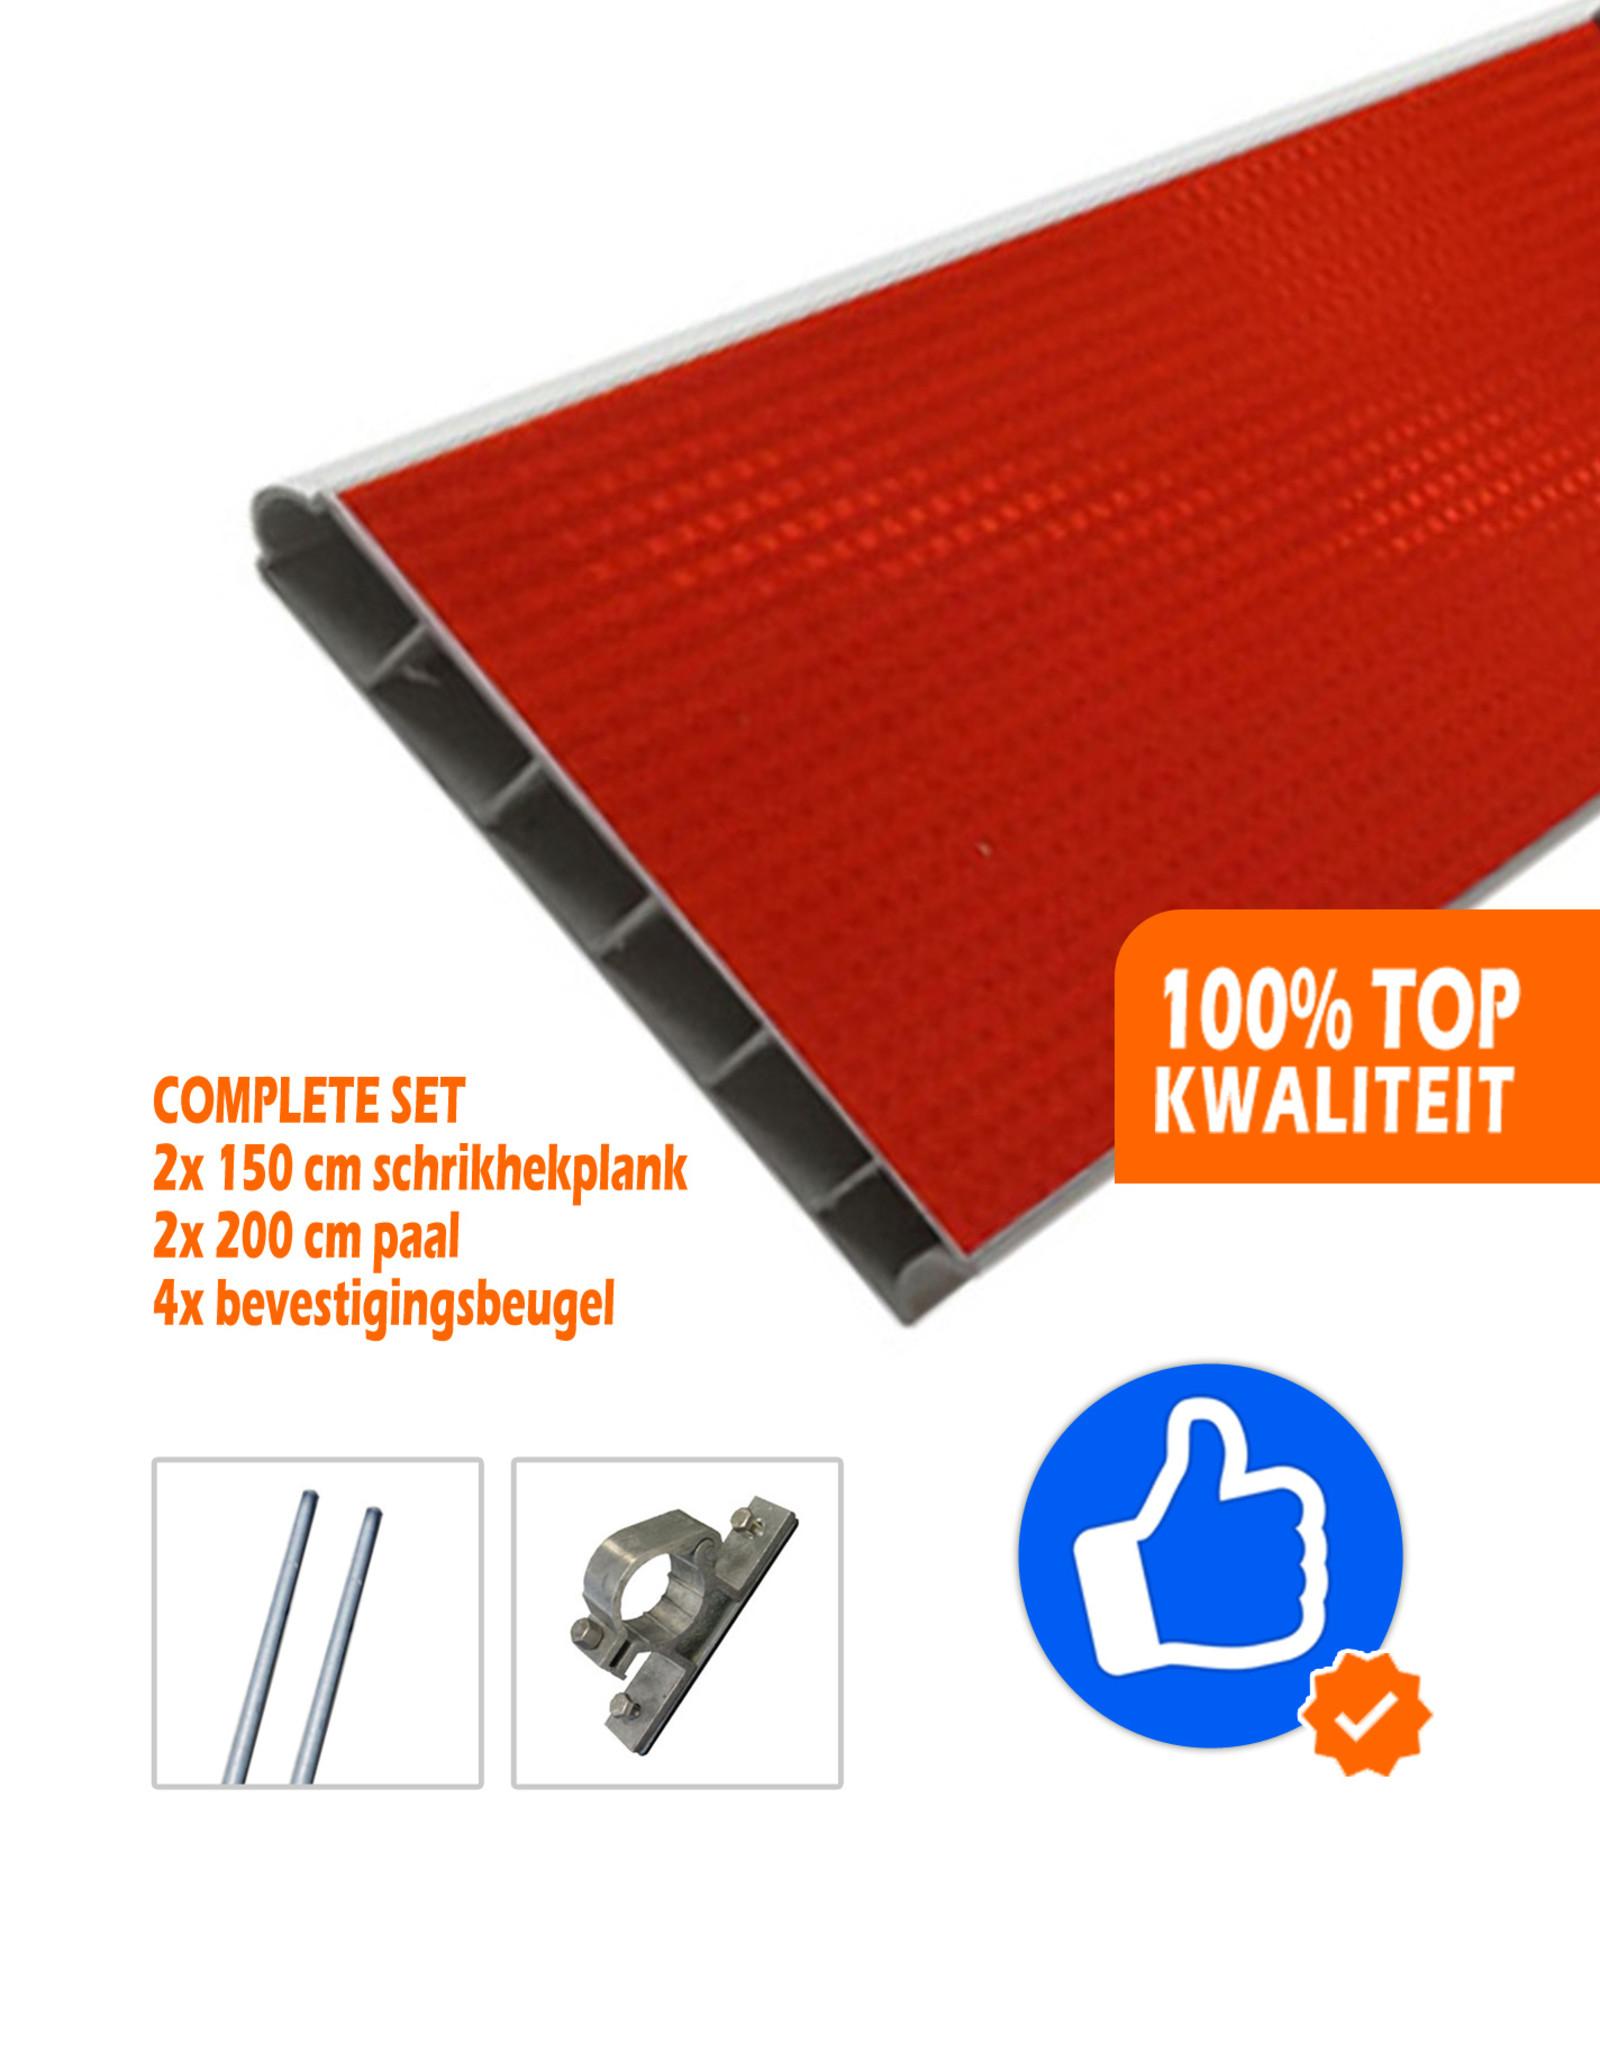 Verkeerswinkel | Compleet Schrikhek 150 cm incl. alle materialen